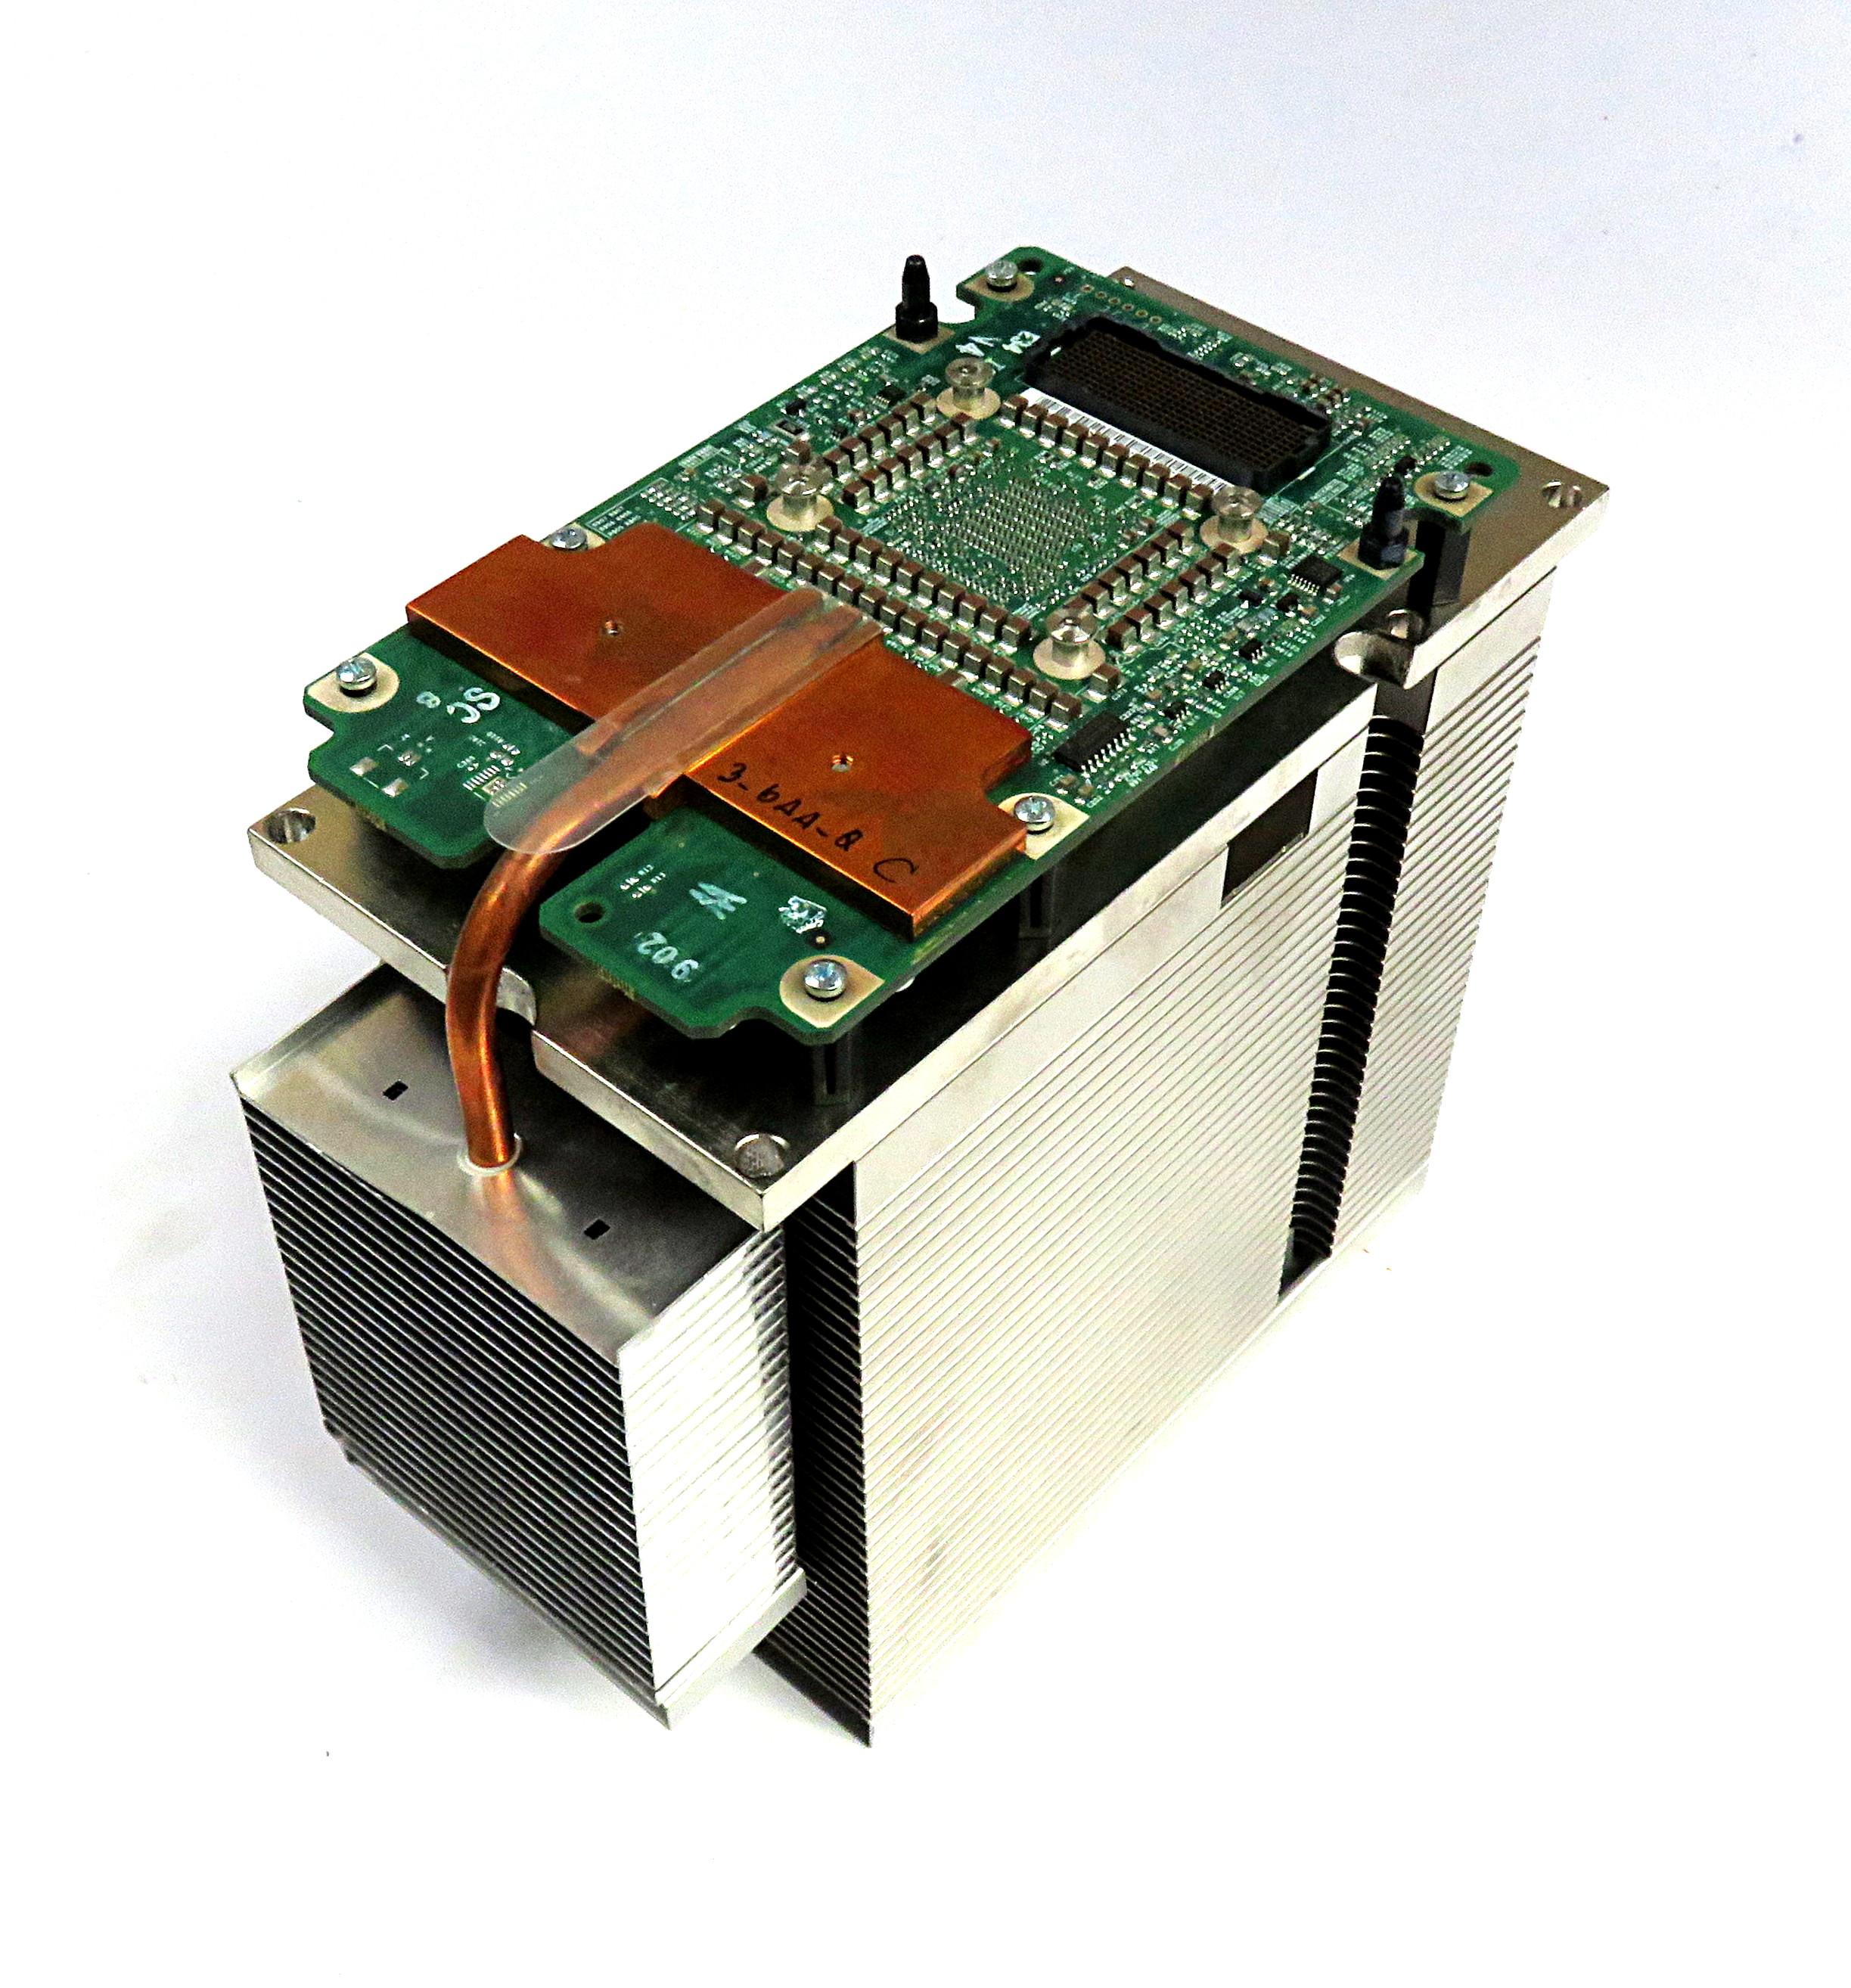 Apple 630-4957 T4959 1 8GHz PowerPC 970 CPU f/ Power Mac G5 A1047 EMC 1969